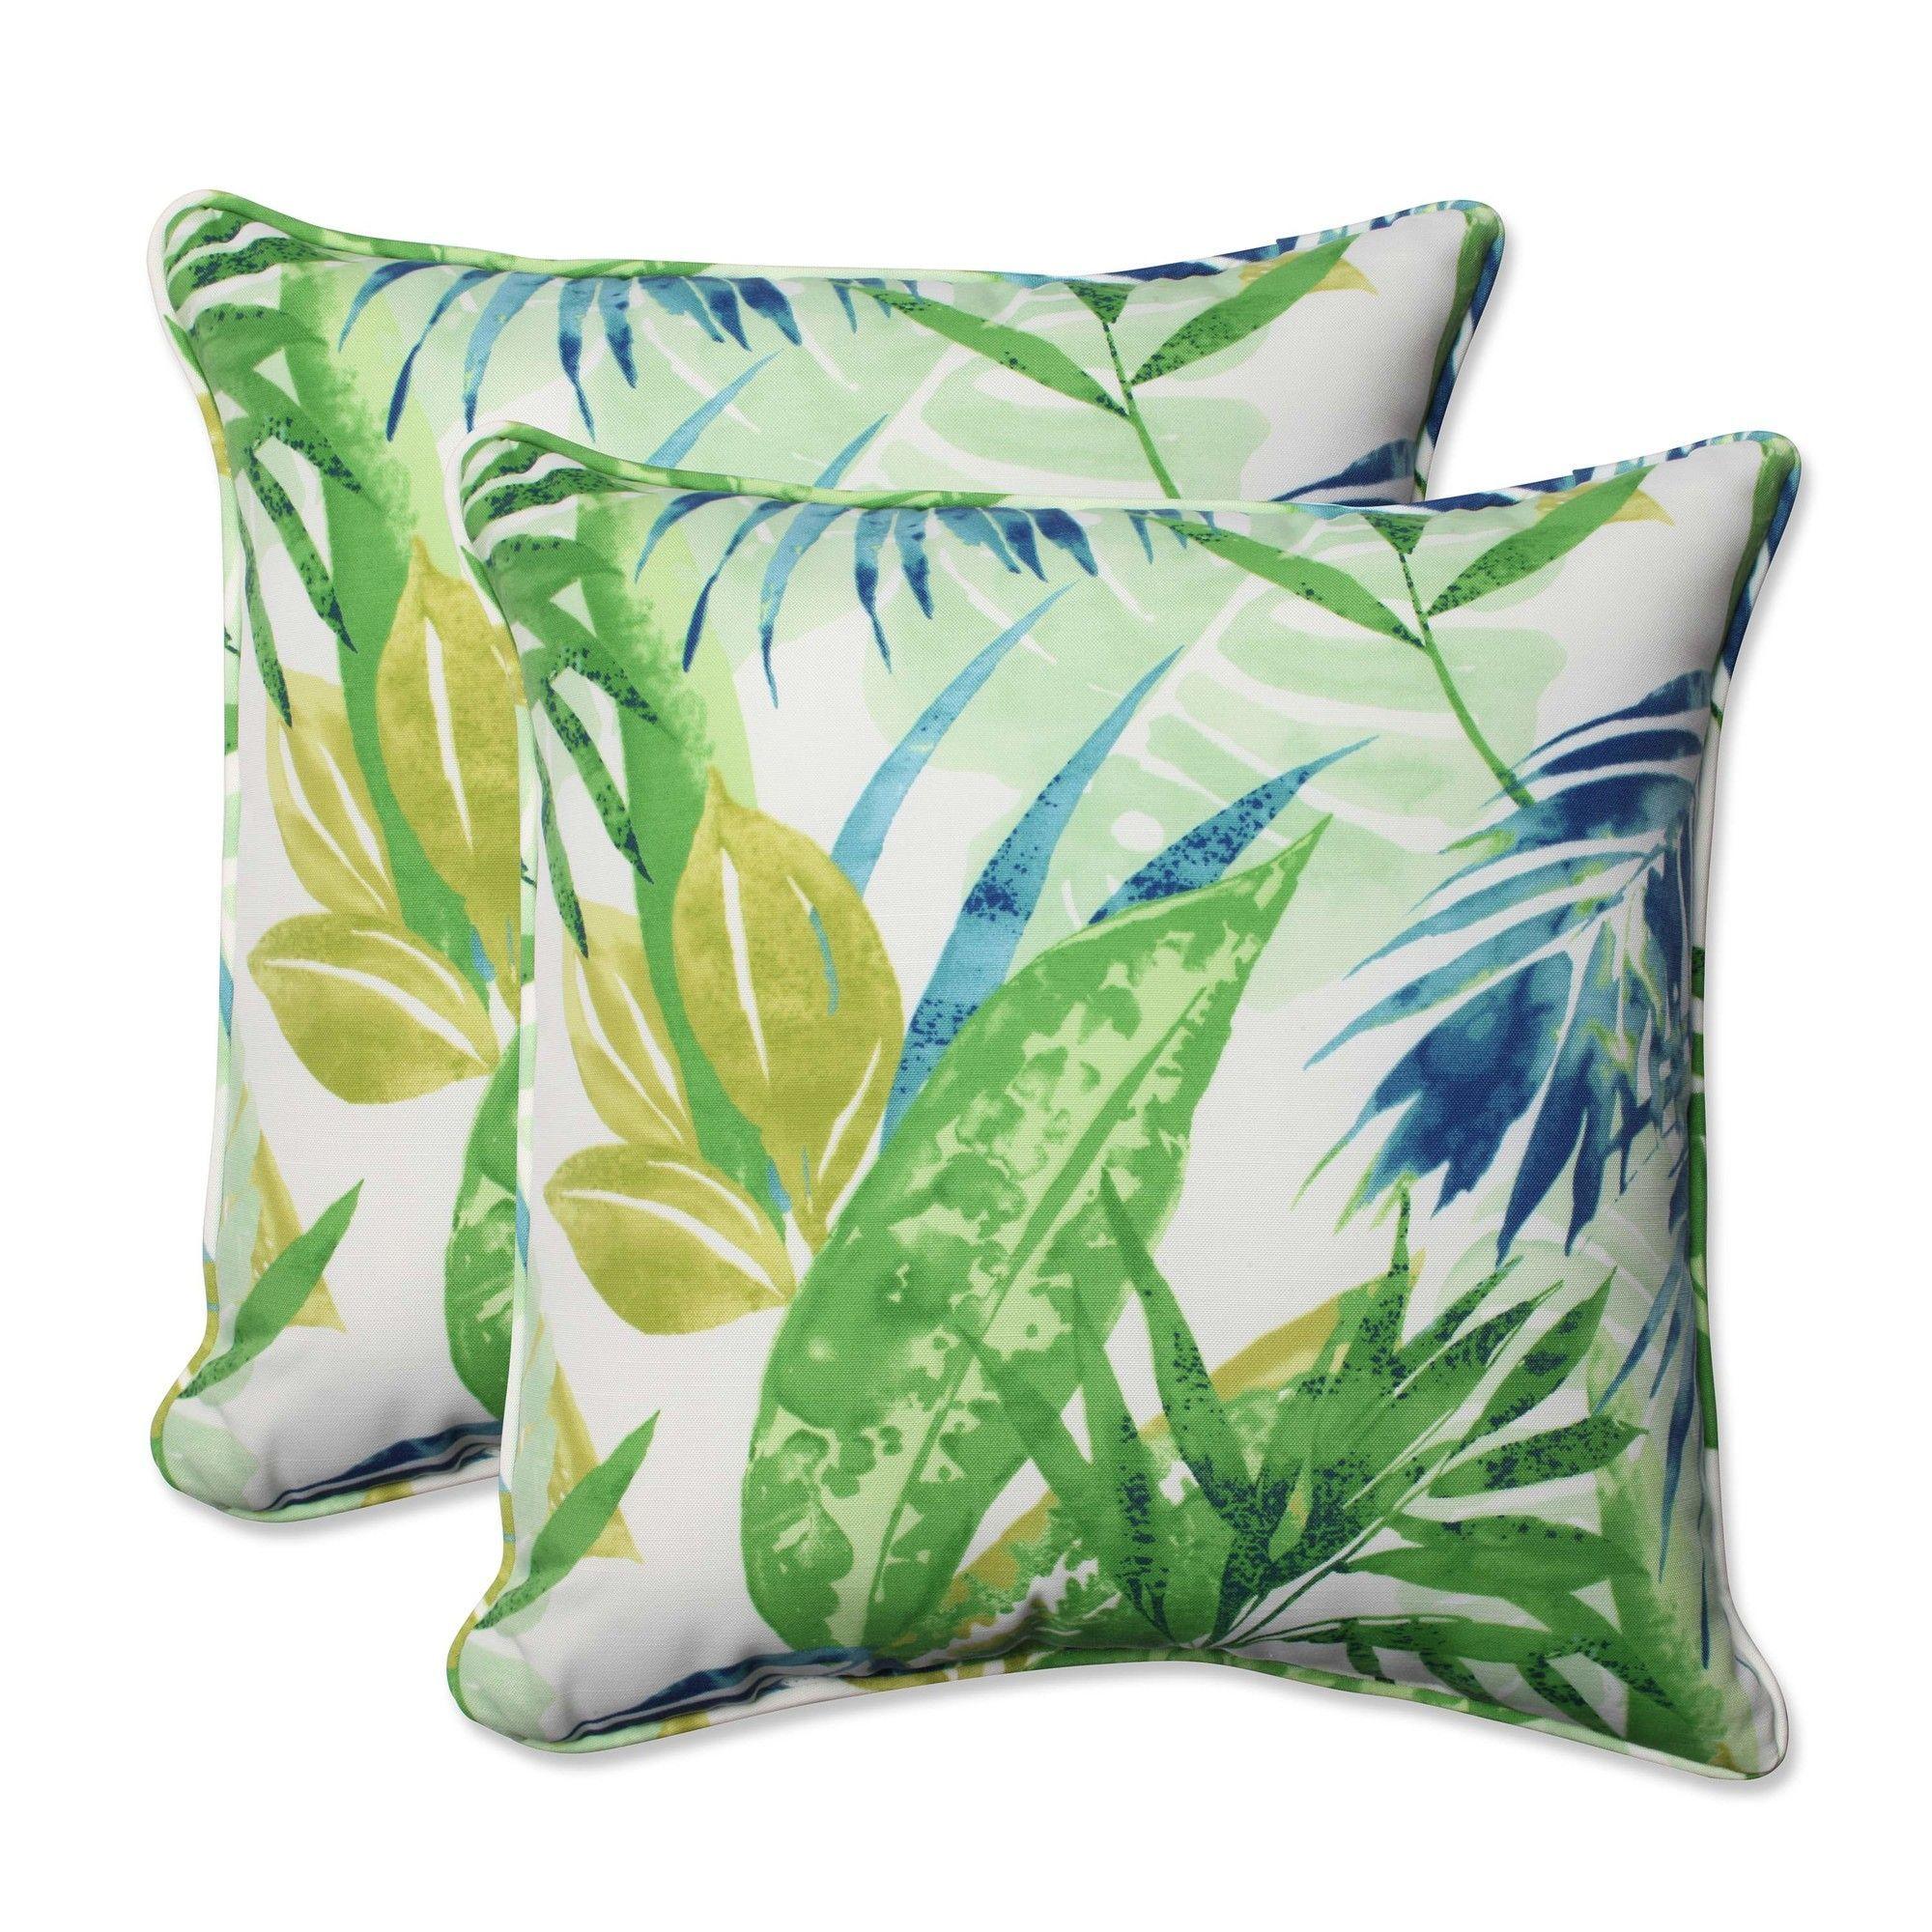 Soleil Indoor/Outdoor Throw Pillow